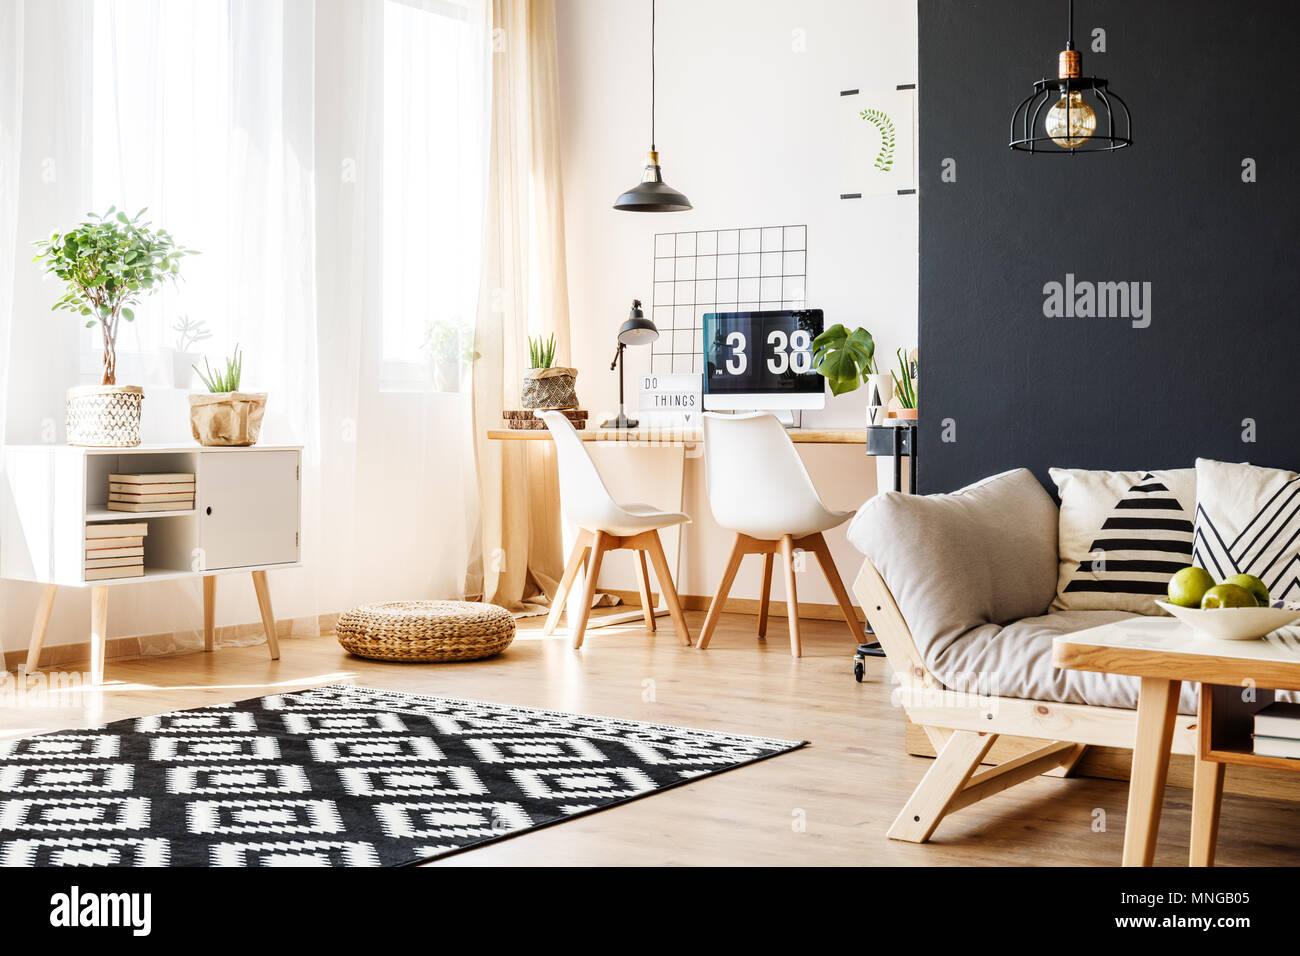 Camere Con Divano Letto : Spaziosa e luminosa camera con moquette a motivi geometrici muro